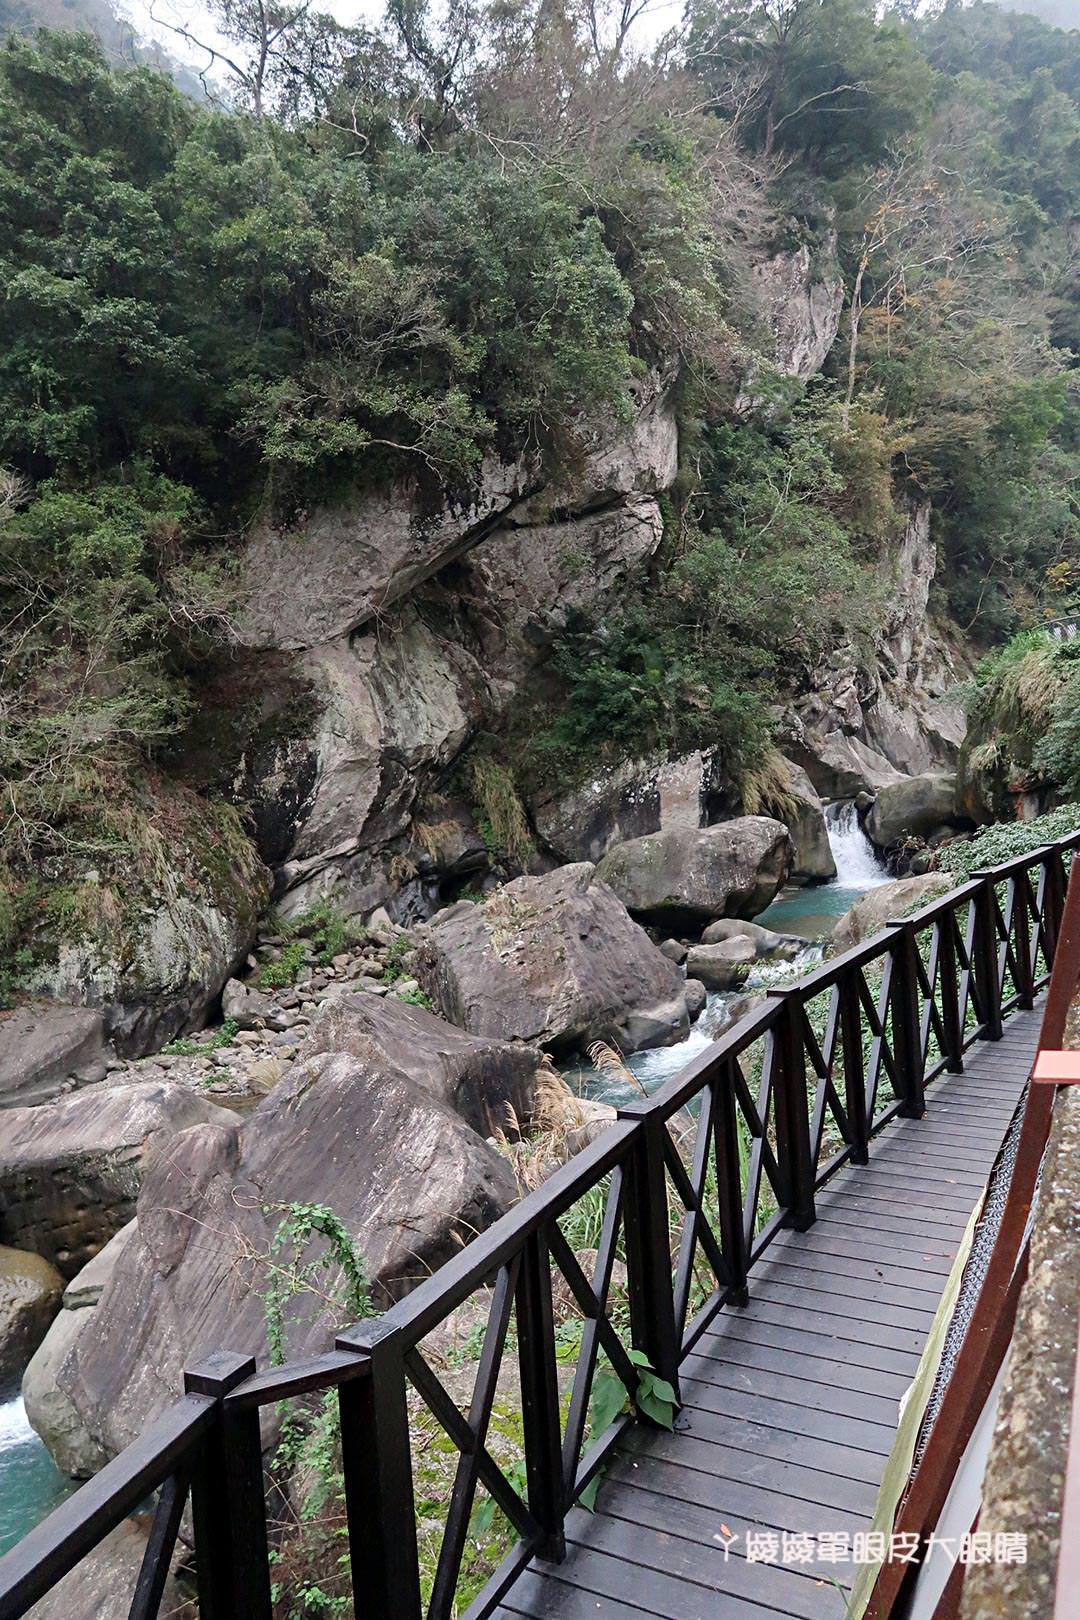 新竹尖石旅遊景點!青蛙石天空步道待開放,門票|開放時間|地址|交通方式